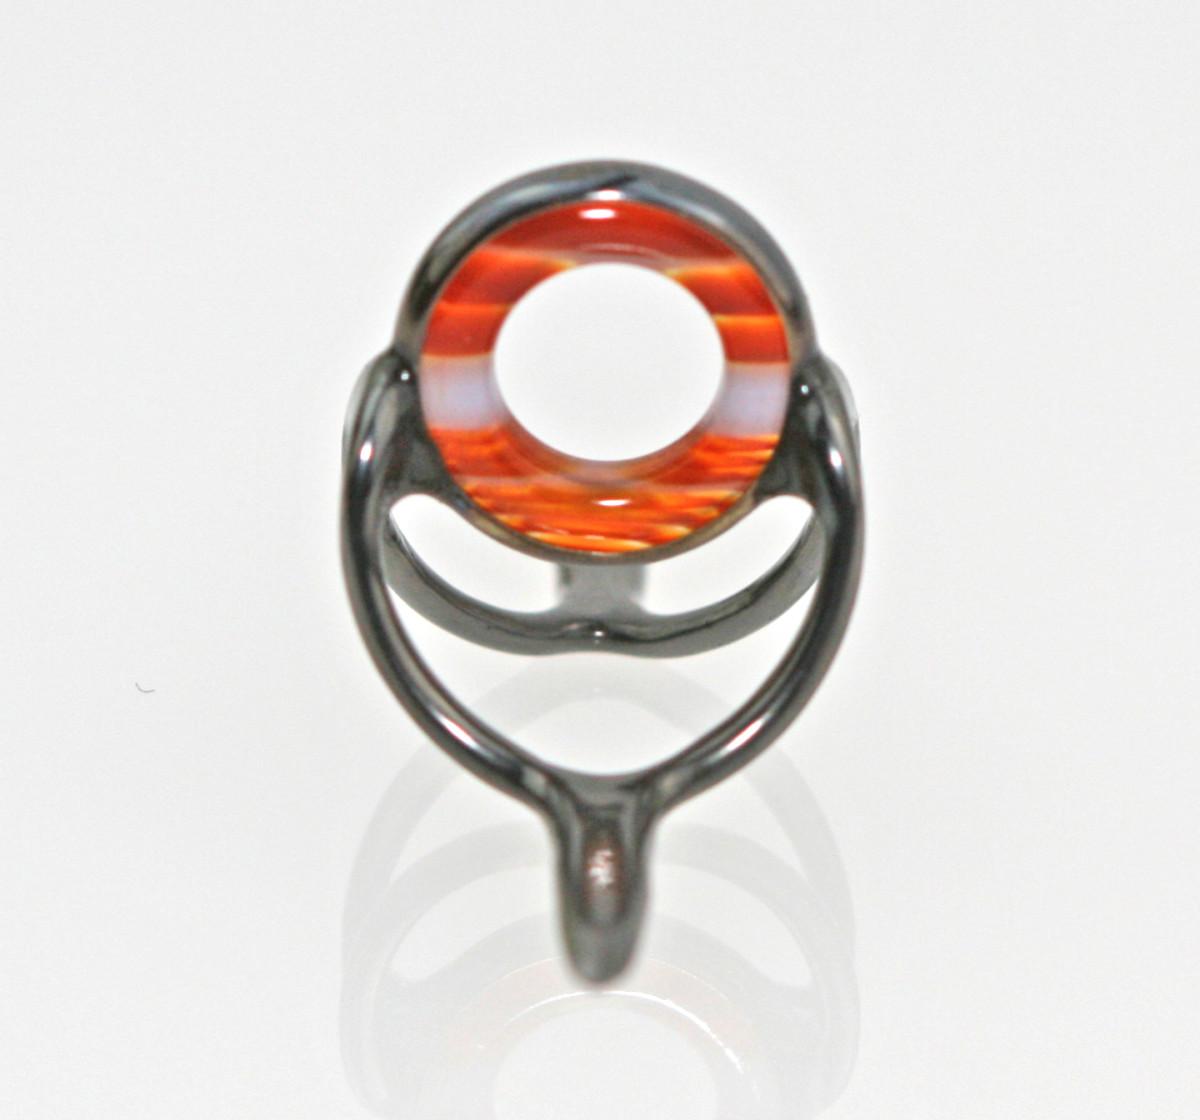 ROY-Agate-Banded-Leans-Orange-9mm-Blued-IV.jpeg